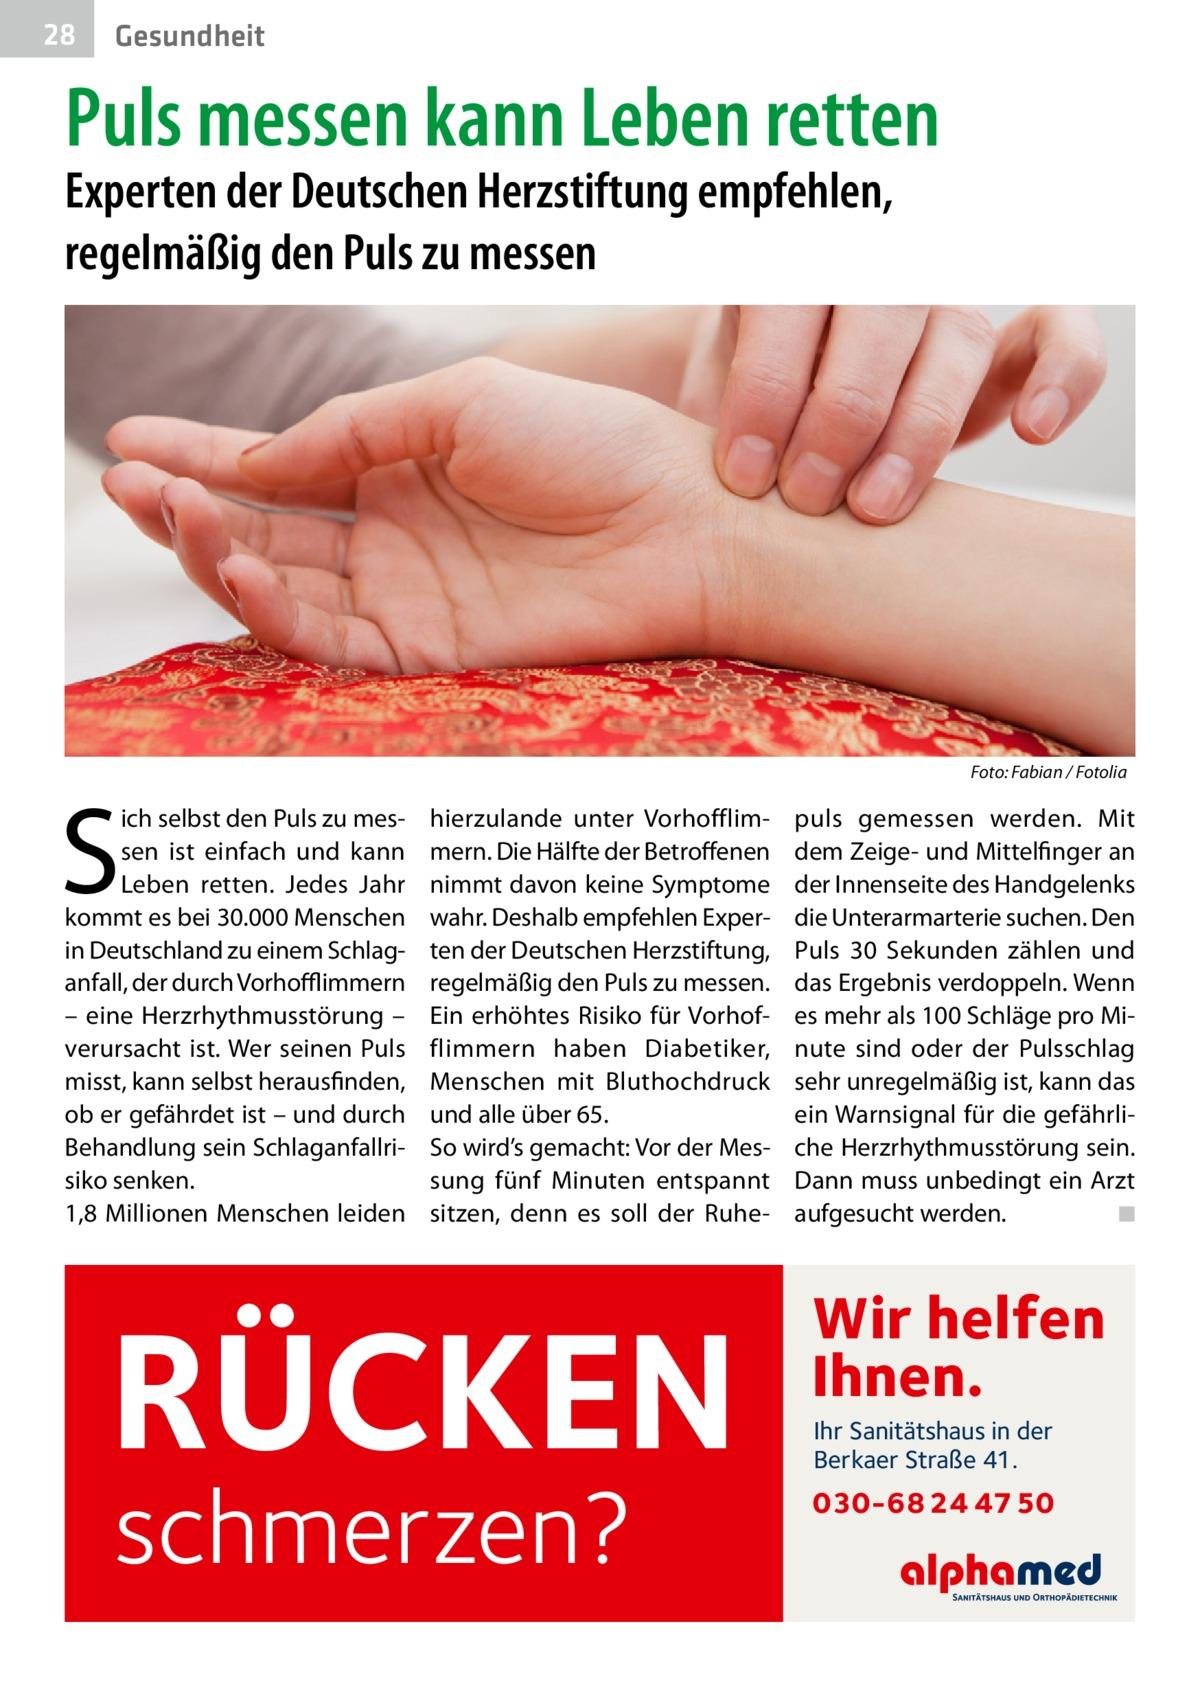 28  Gesundheit  Puls messen kann Leben retten Experten der Deutschen Herzstiftung empfehlen, regelmäßig den Puls zu messen  �  S  ich selbst den Puls zu messen ist einfach und kann Leben retten. Jedes Jahr kommt es bei 30.000Menschen in Deutschland zu einem Schlaganfall, der durch Vorhofflimmern – eine Herzrhythmusstörung – verursacht ist. Wer seinen Puls misst, kann selbst herausfinden, ob er gefährdet ist – und durch Behandlung sein Schlaganfallrisiko senken. 1,8Millionen Menschen leiden  Foto: Fabian / Fotolia  hierzulande unter Vorhofflimmern. Die Hälfte der Betroffenen nimmt davon keine Symptome wahr. Deshalb empfehlen Experten der Deutschen Herzstiftung, regelmäßig den Puls zu messen. Ein erhöhtes Risiko für Vorhof flimmern haben Diabetiker, Menschen mit Bluthochdruck und alle über 65. So wird's gemacht: Vor der Messung fünf Minuten entspannt sitzen, denn es soll der Ruhe RÜCKEN schmerzen?  puls gemessen werden. Mit dem Zeige- und Mittelfinger an der Innenseite des Handgelenks die Unterarmarterie suchen. Den Puls 30 Sekunden zählen und das Ergebnis verdoppeln. Wenn es mehr als 100Schläge pro Minute sind oder der Pulsschlag sehr unregelmäßig ist, kann das ein Warnsignal für die gefährliche Herzrhythmusstörung sein. Dann muss unbedingt ein Arzt aufgesucht werden.� ◾  Wir helfen Ihnen. Ihr Sanitätshaus in der Berkaer Straße 41.  030-68 24 47 50